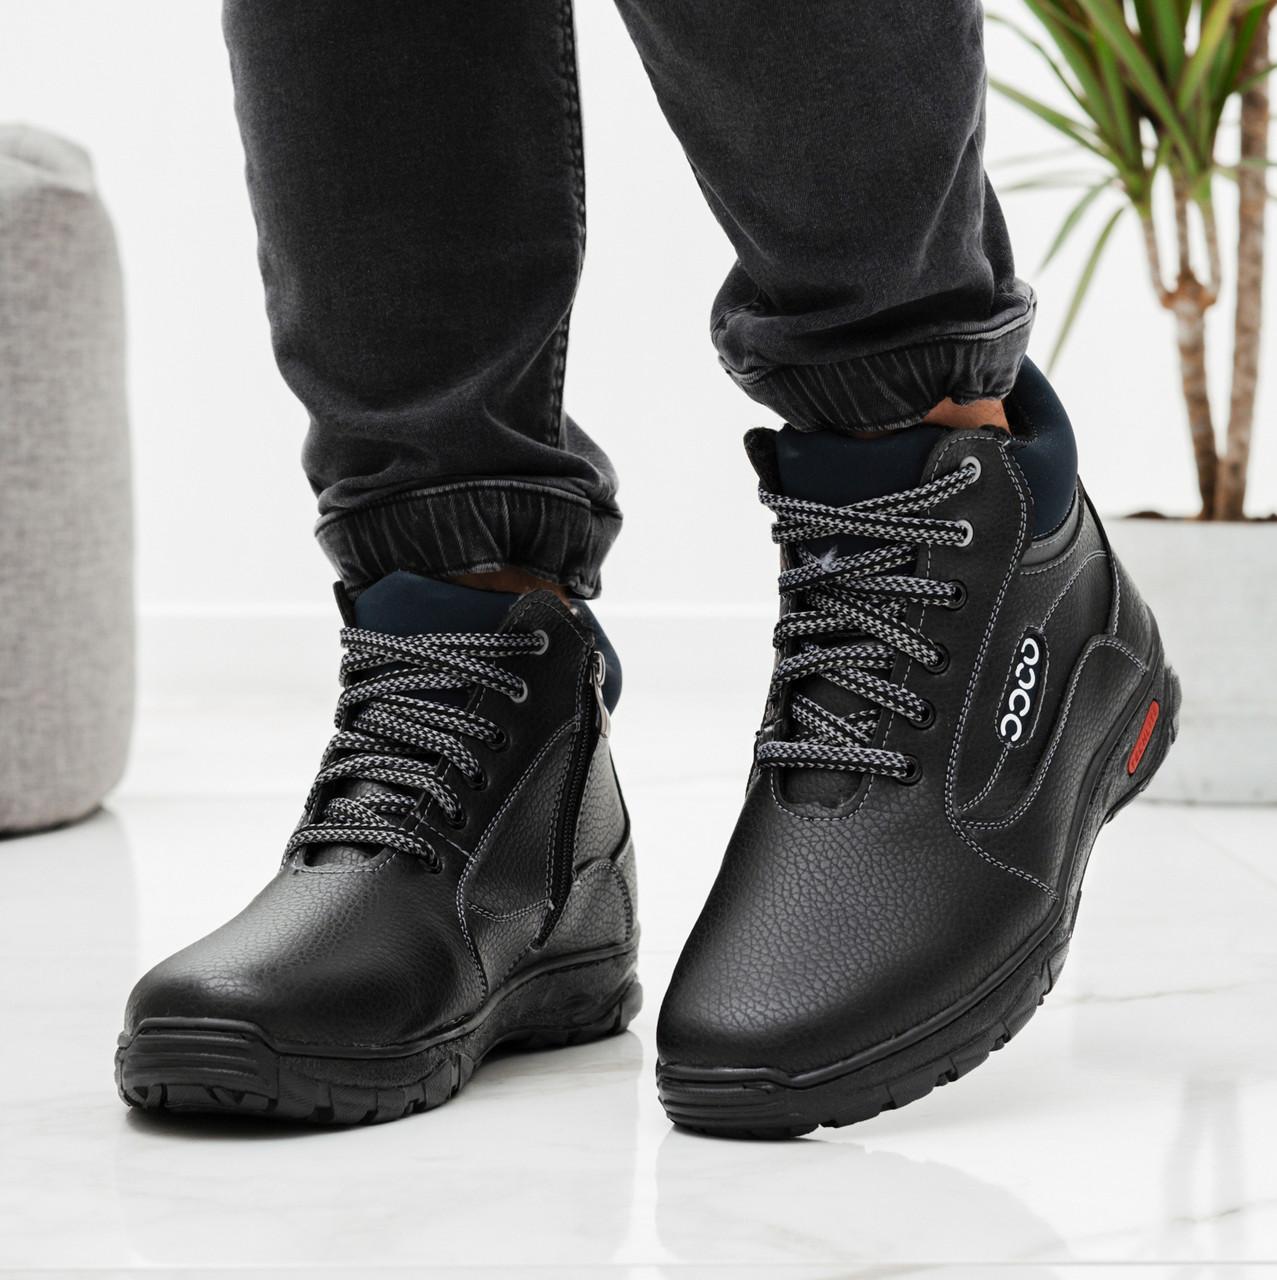 Ботинки мужские на меху зима (СГБ-16ч)